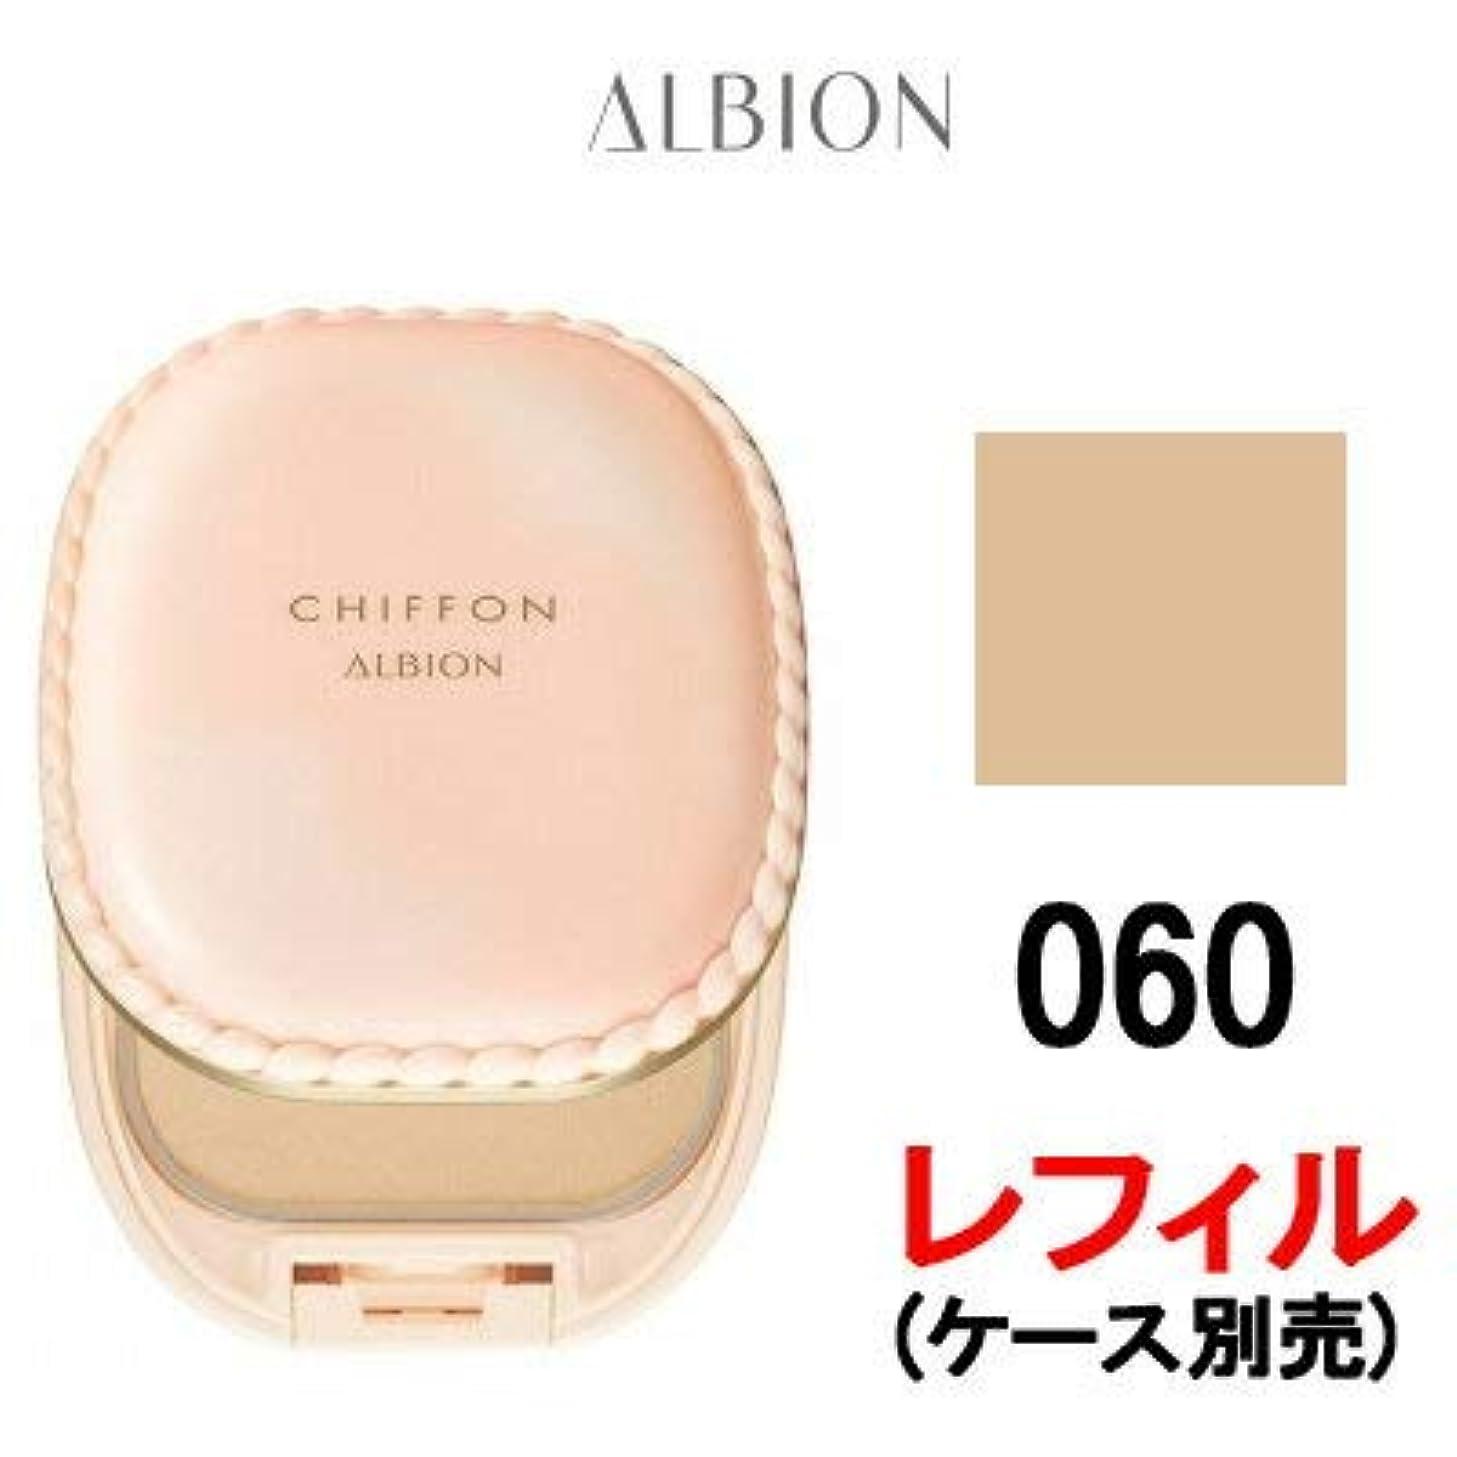 キャビン印象的な負担アルビオン スウィートモイスチュアシフォン (060) レフィル ケース別 SPF22?PA++10g